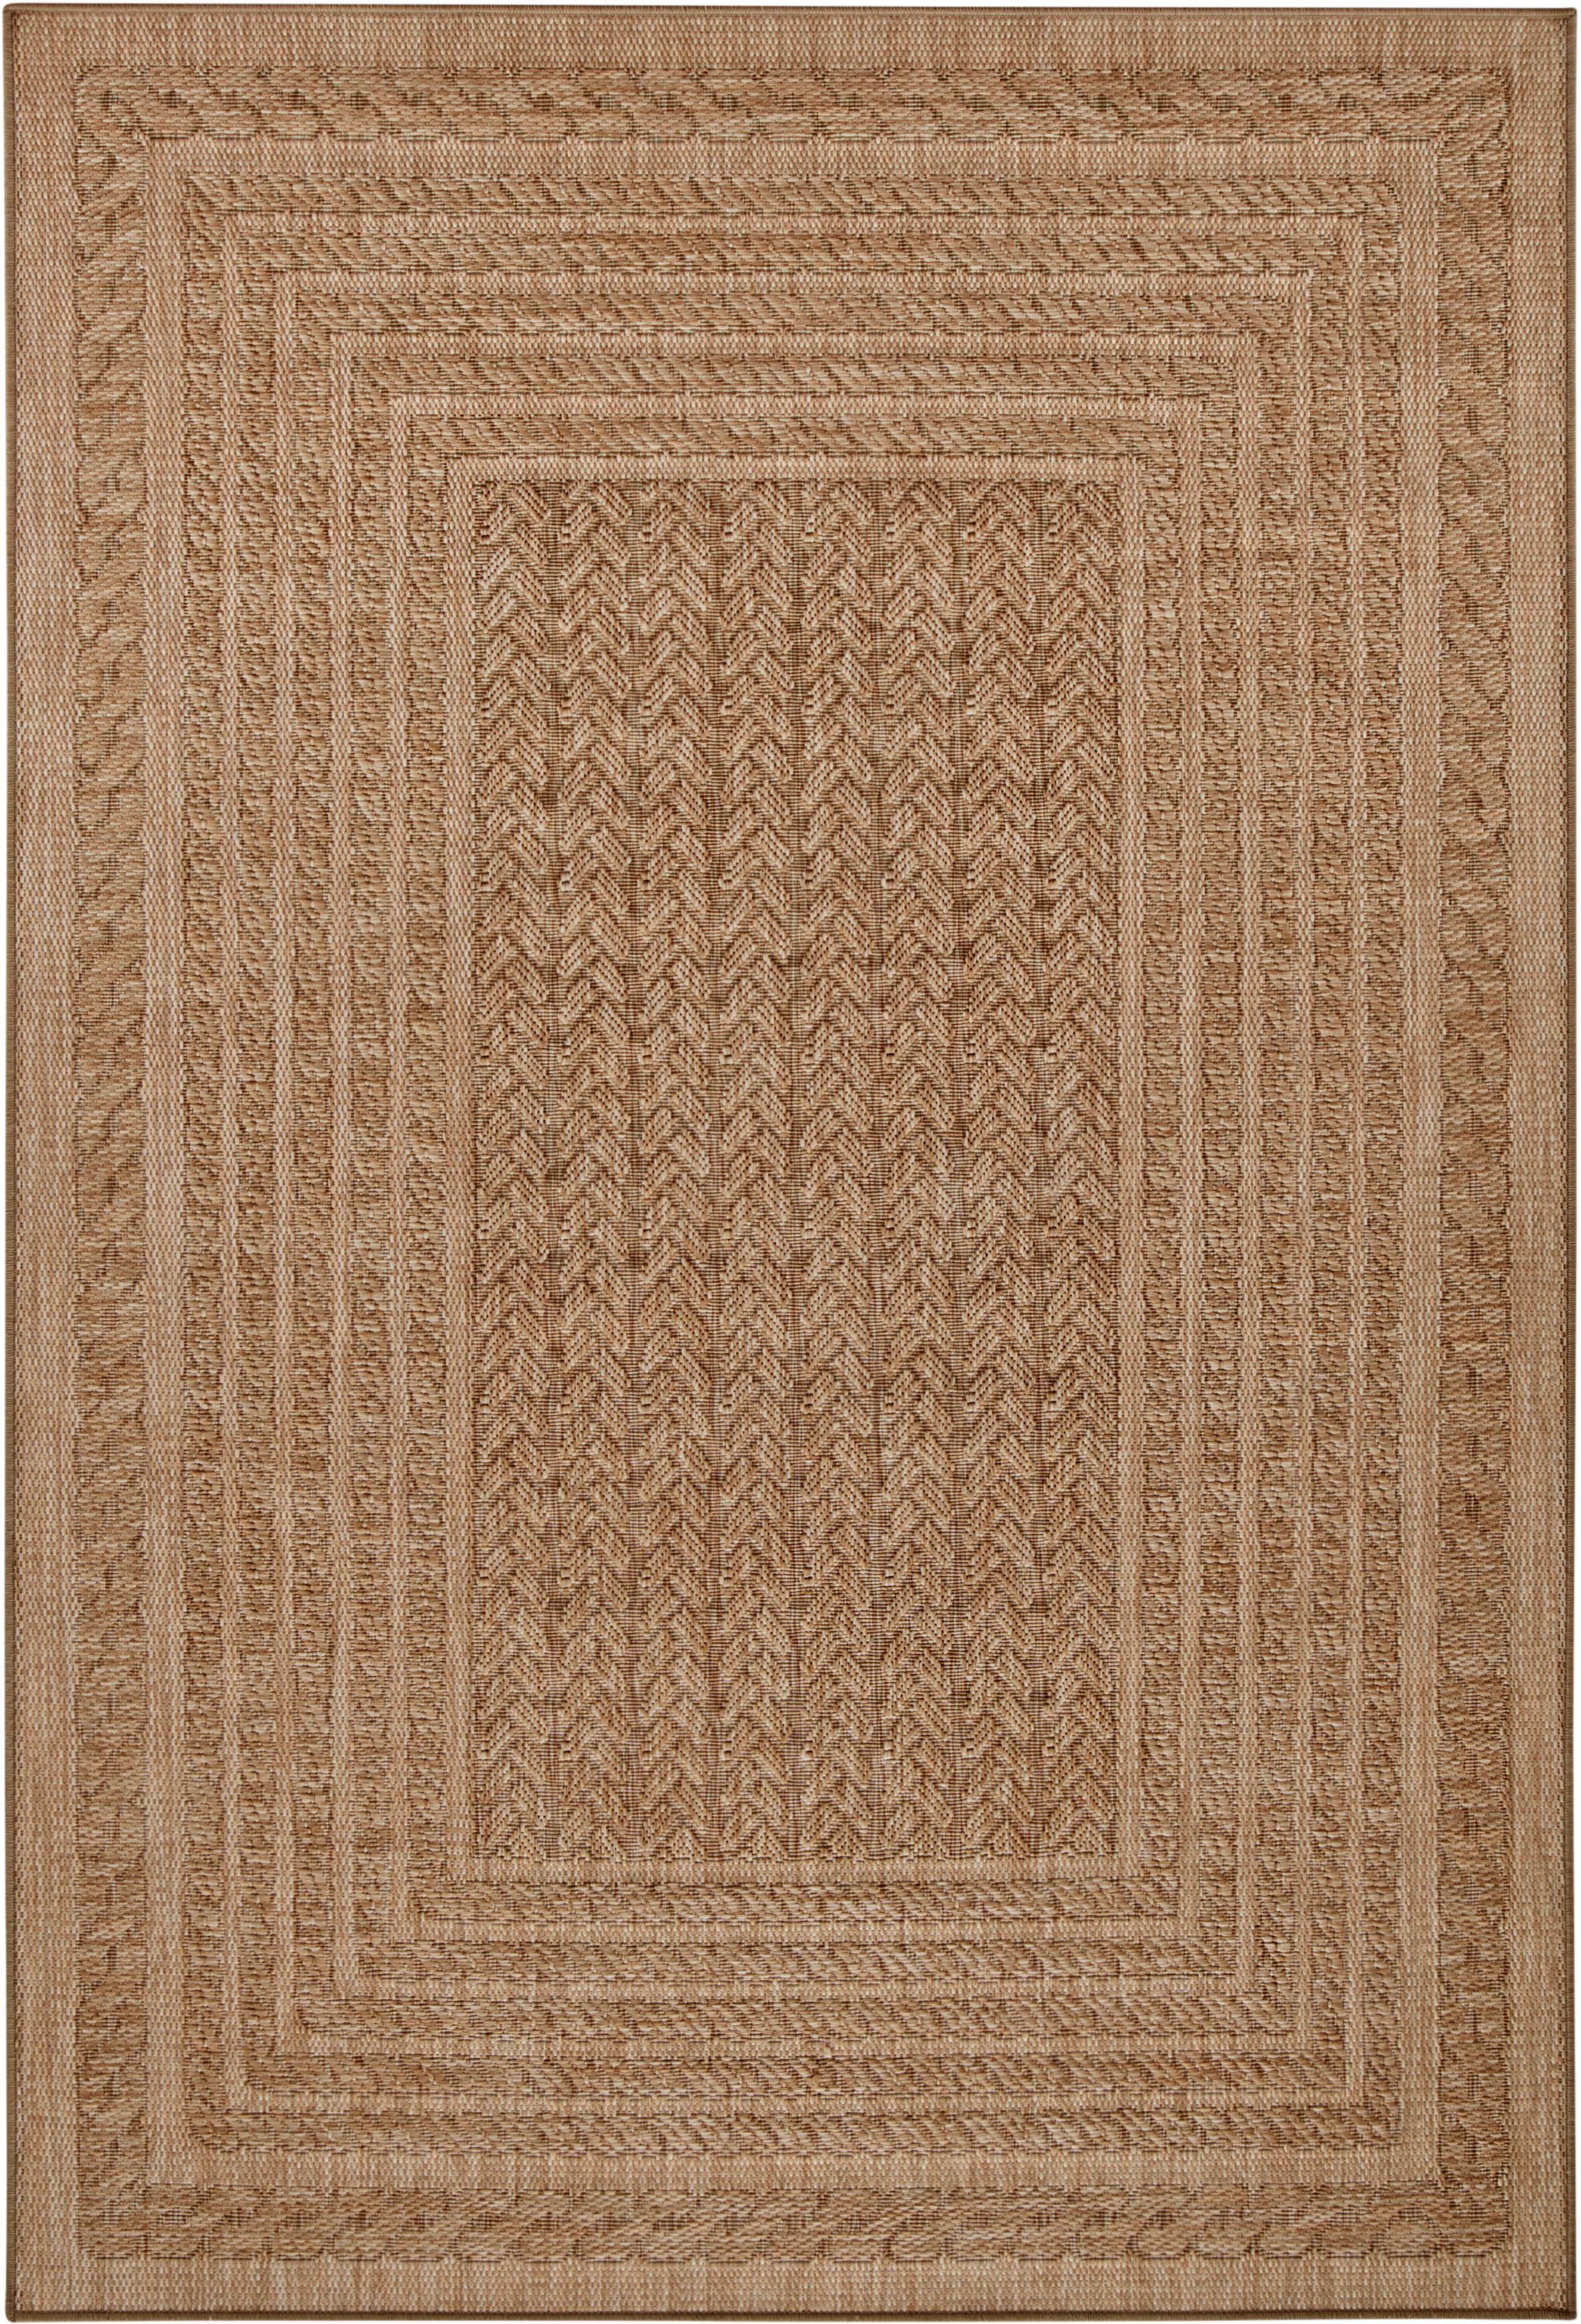 In- & Outdoor-Teppich Limonero in Jute Optik, 100% Polypropylen, Beige, Braun, B 120 x L 170 cm (Größe S)